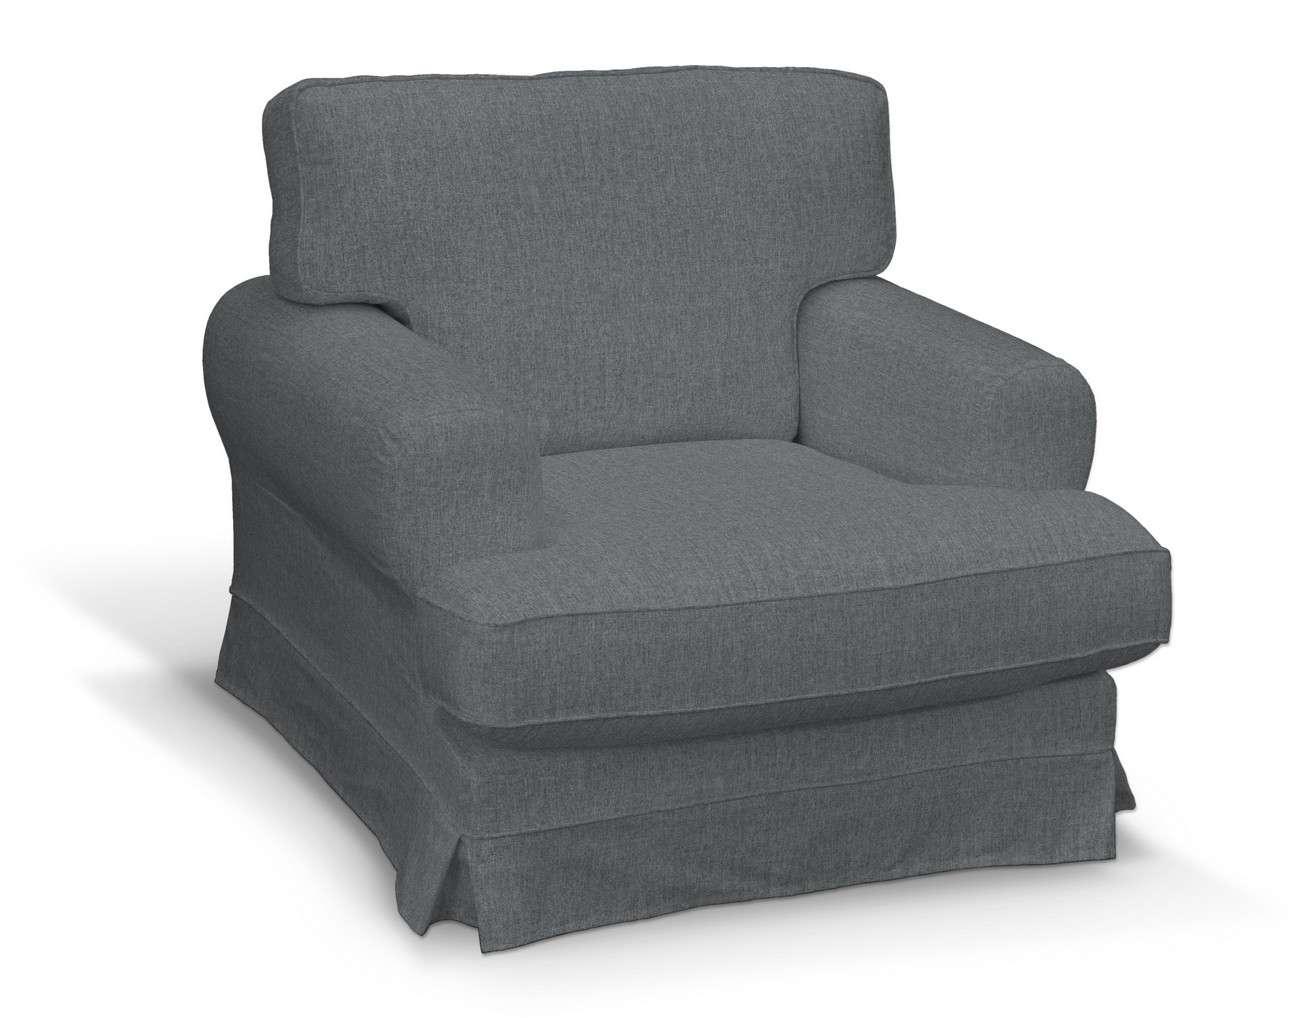 Pokrowiec na fotel Ekeskog w kolekcji City, tkanina: 704-86